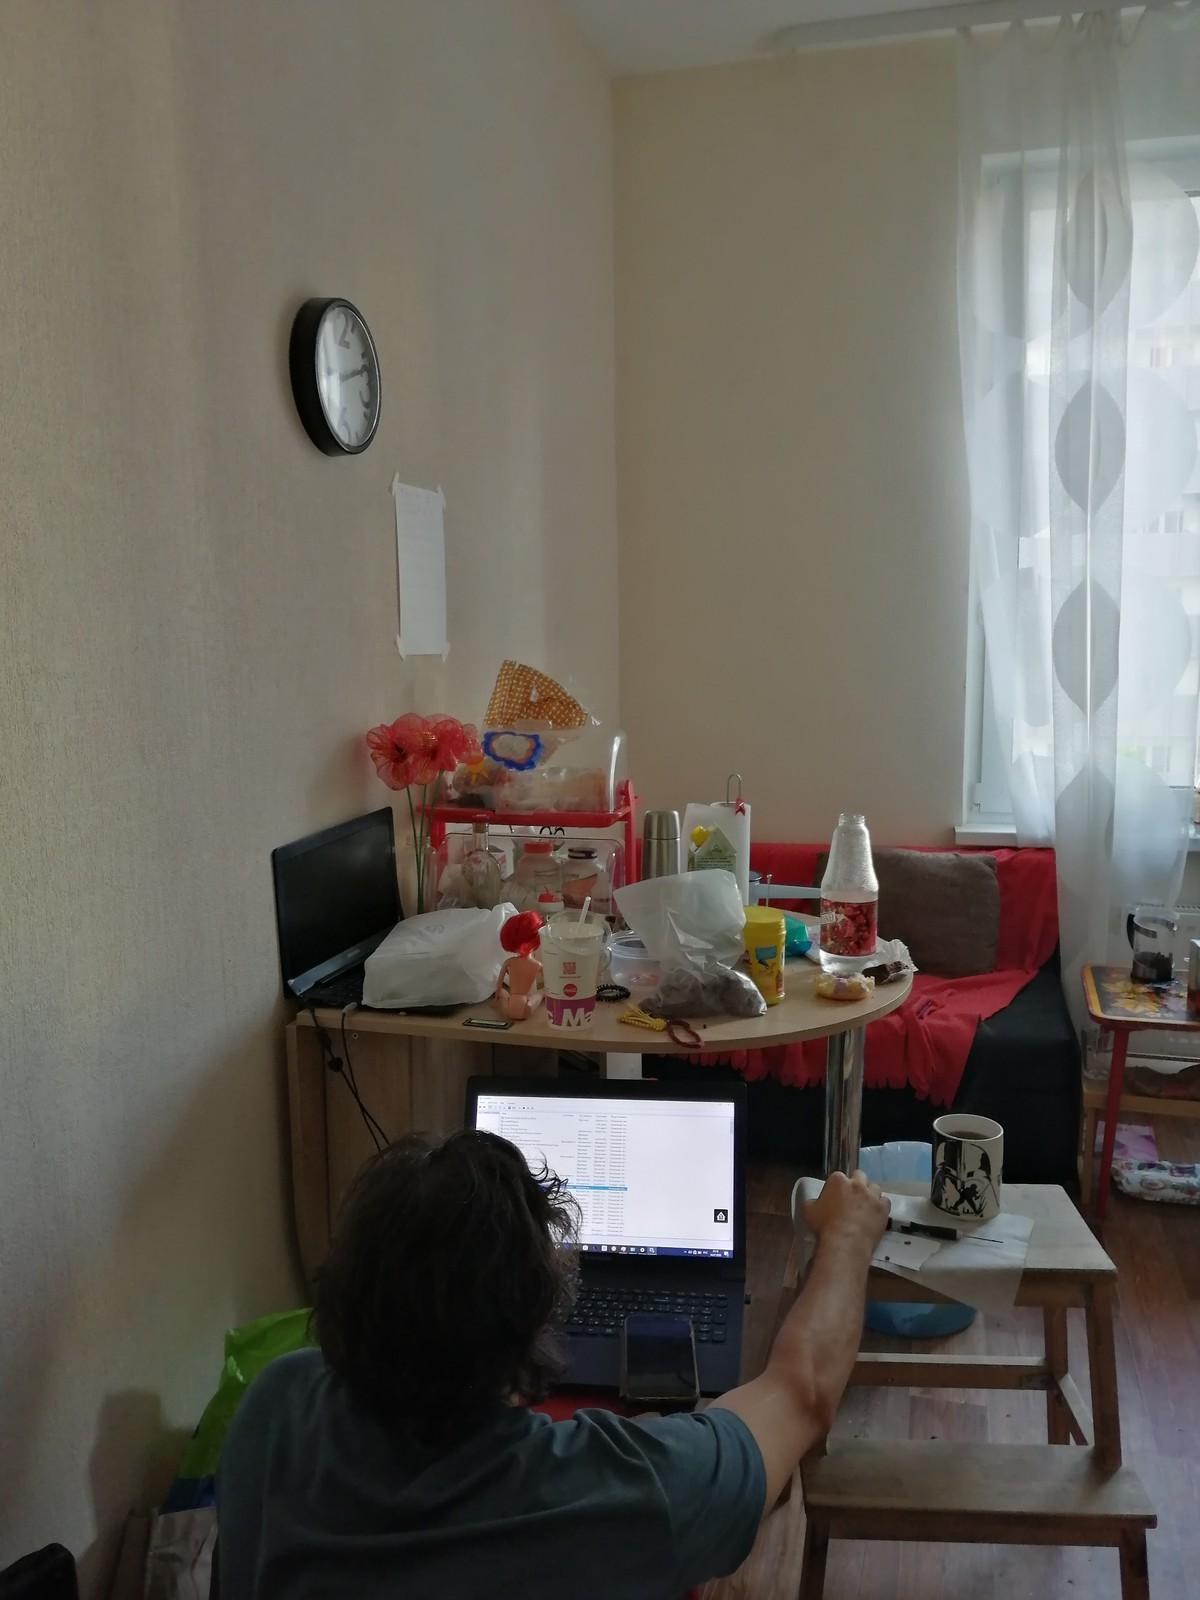 Один будний день журналиста и писателя в коммуне, Санкт-Петербург, фото 17